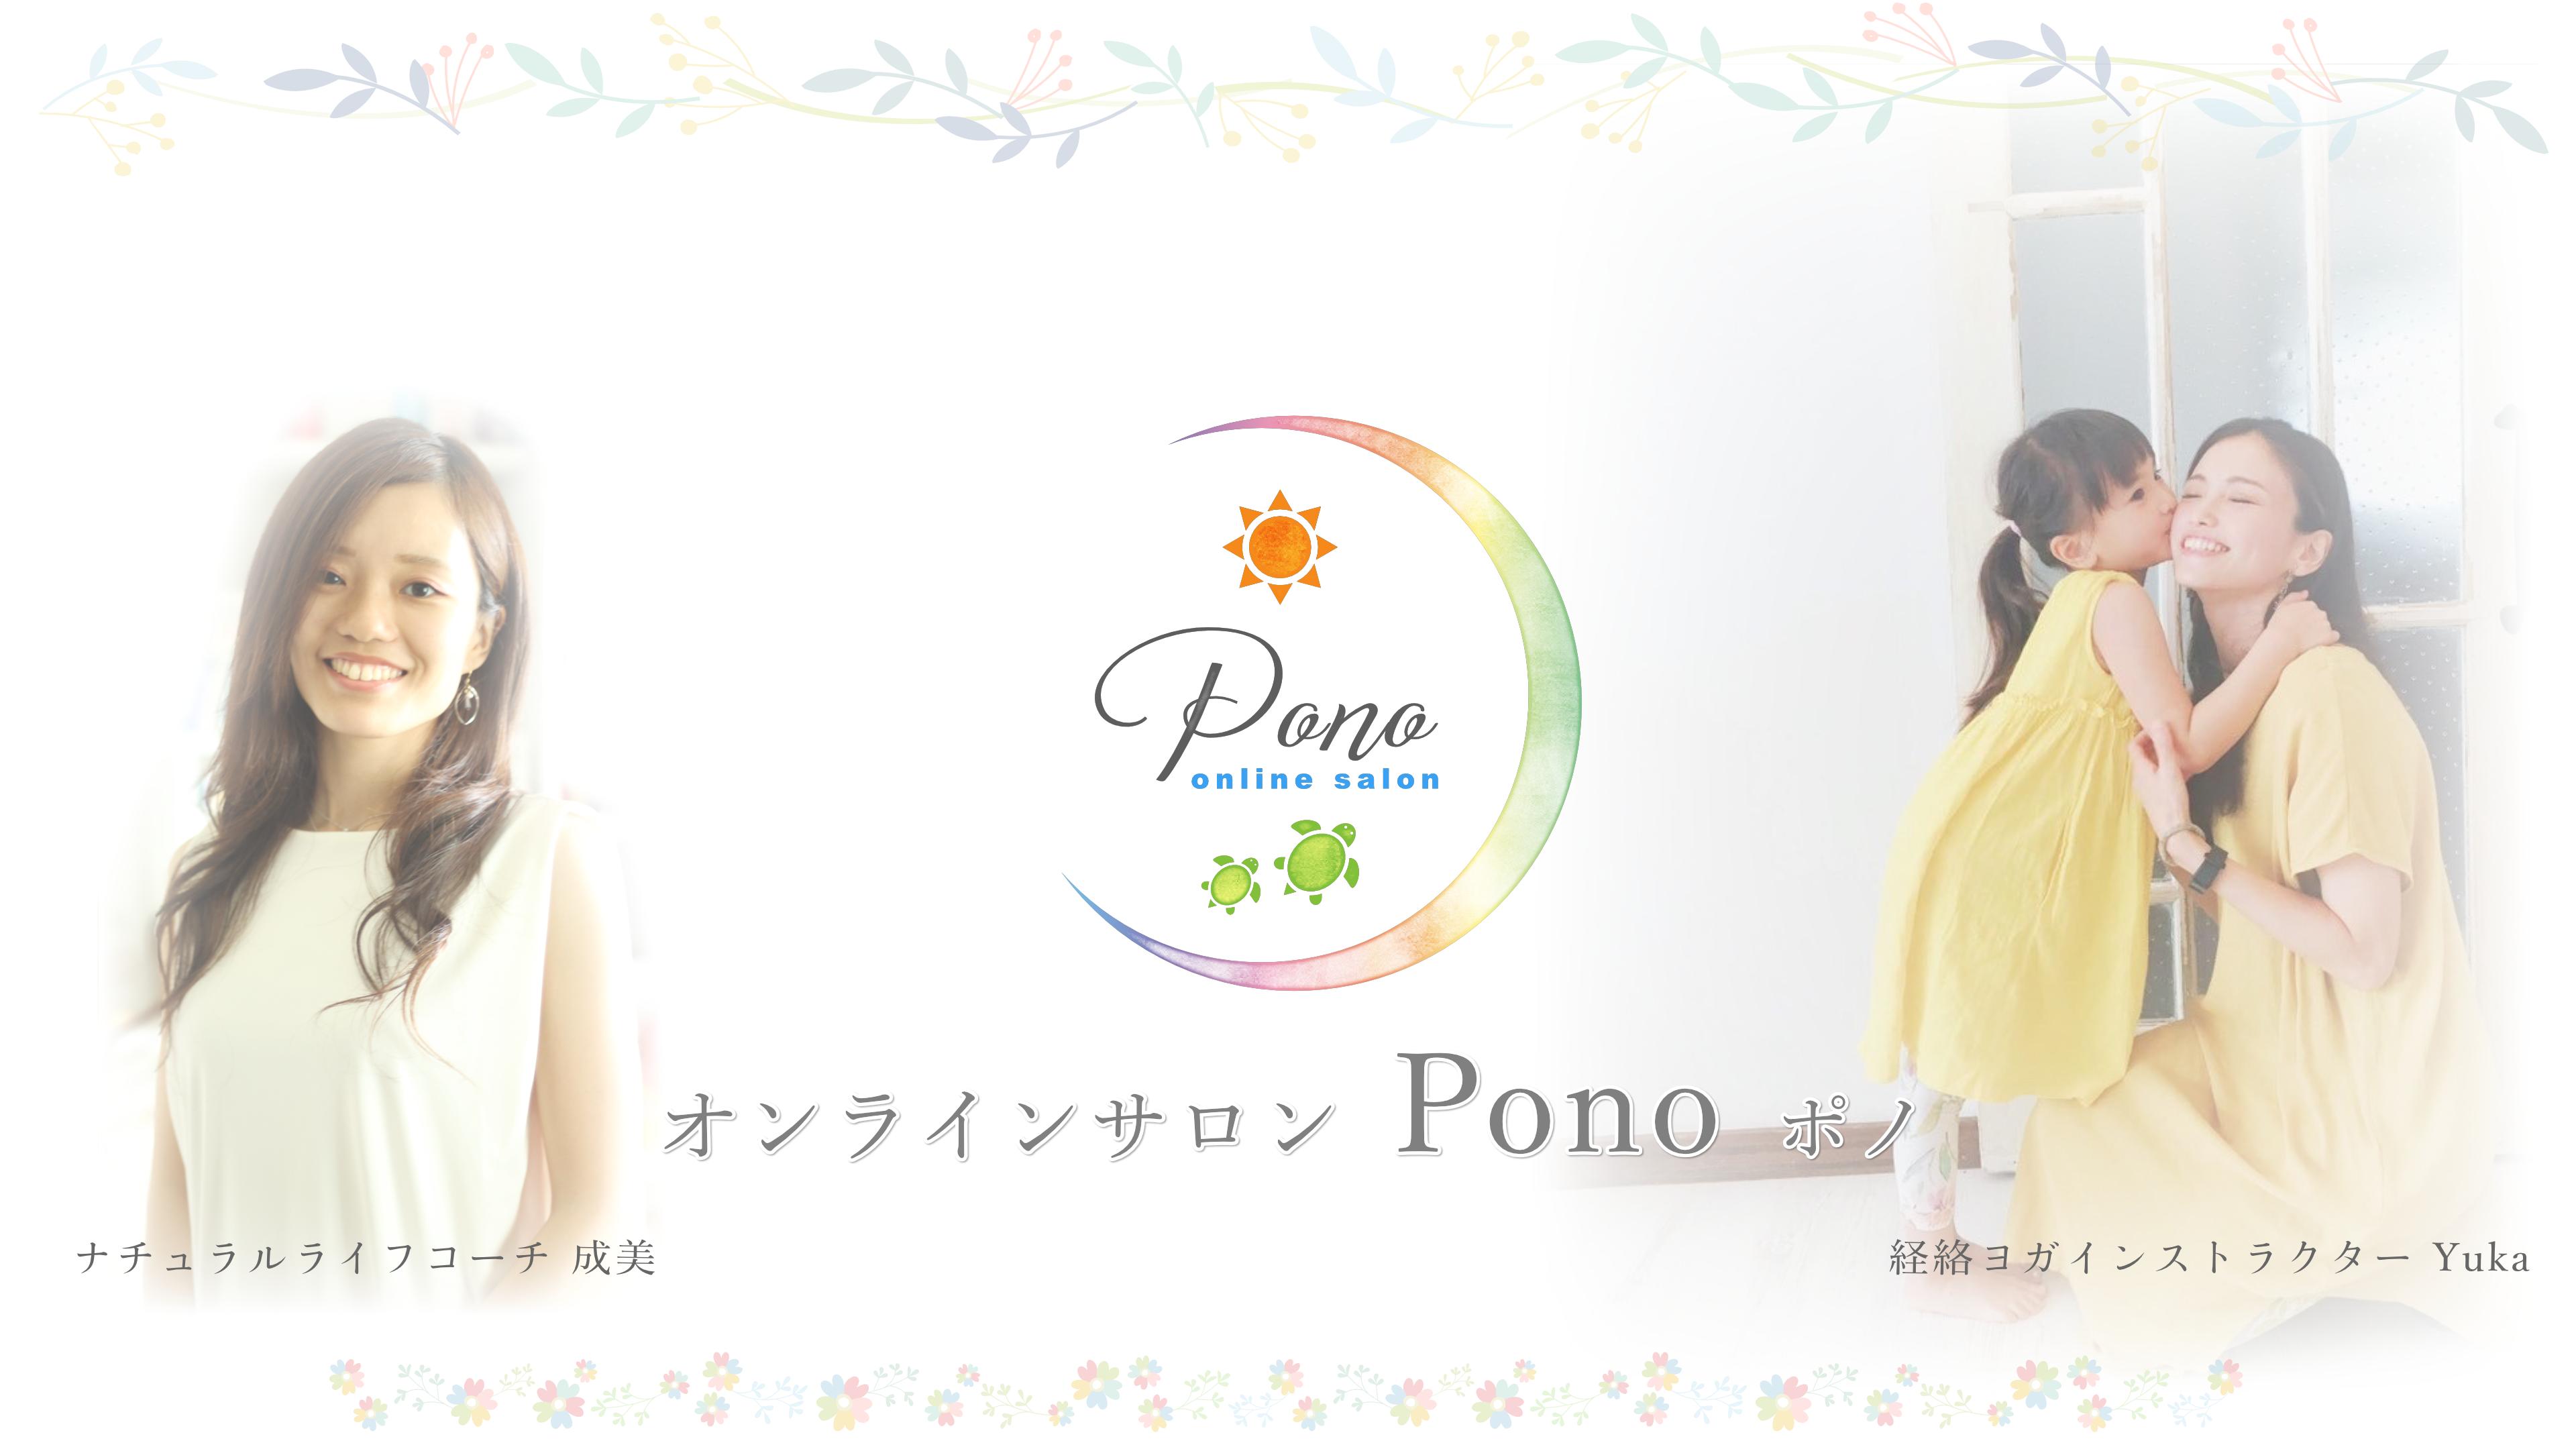 オンラインサロン Pono-ポノ